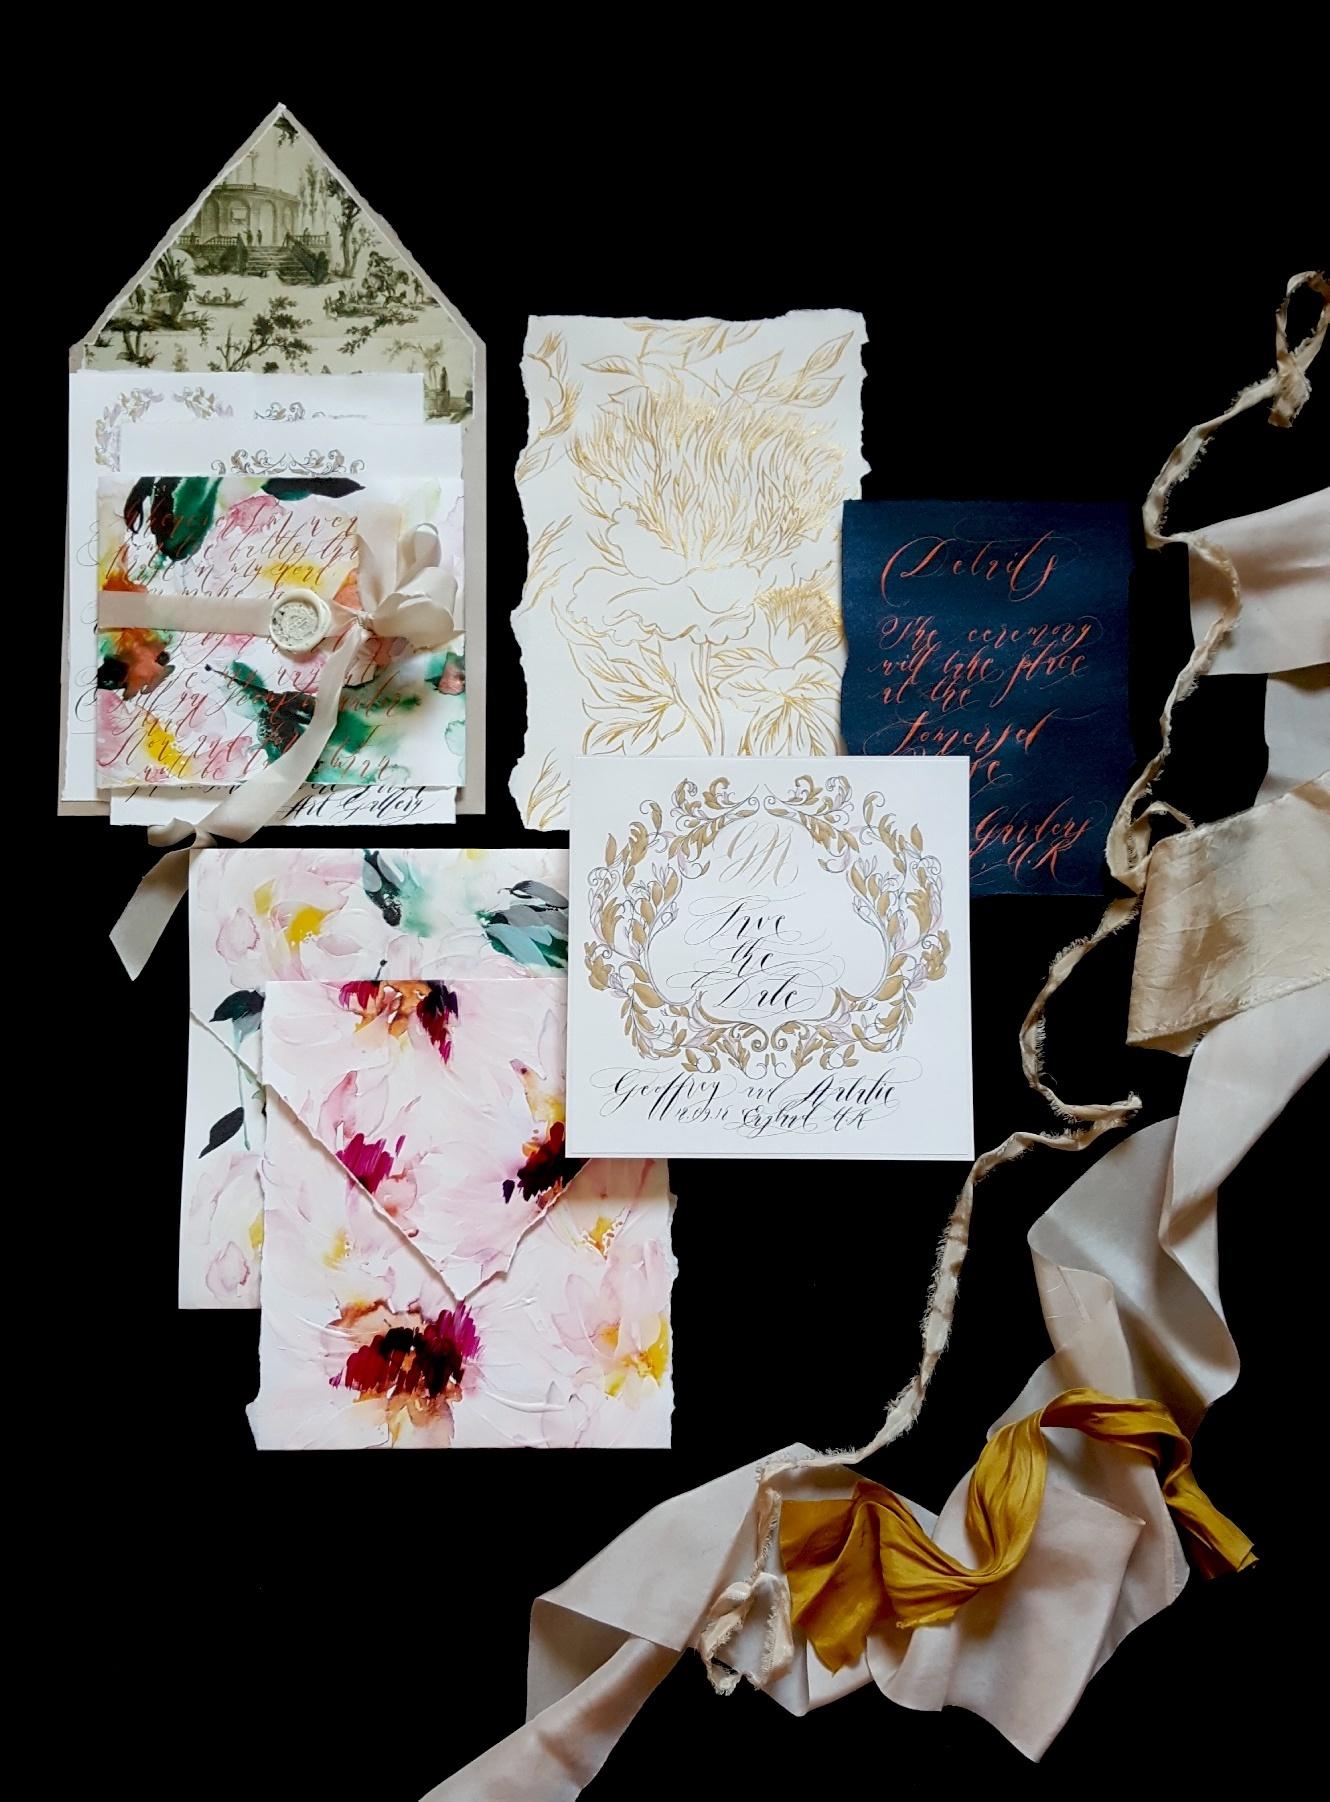 Iphone photo of wedding stationery